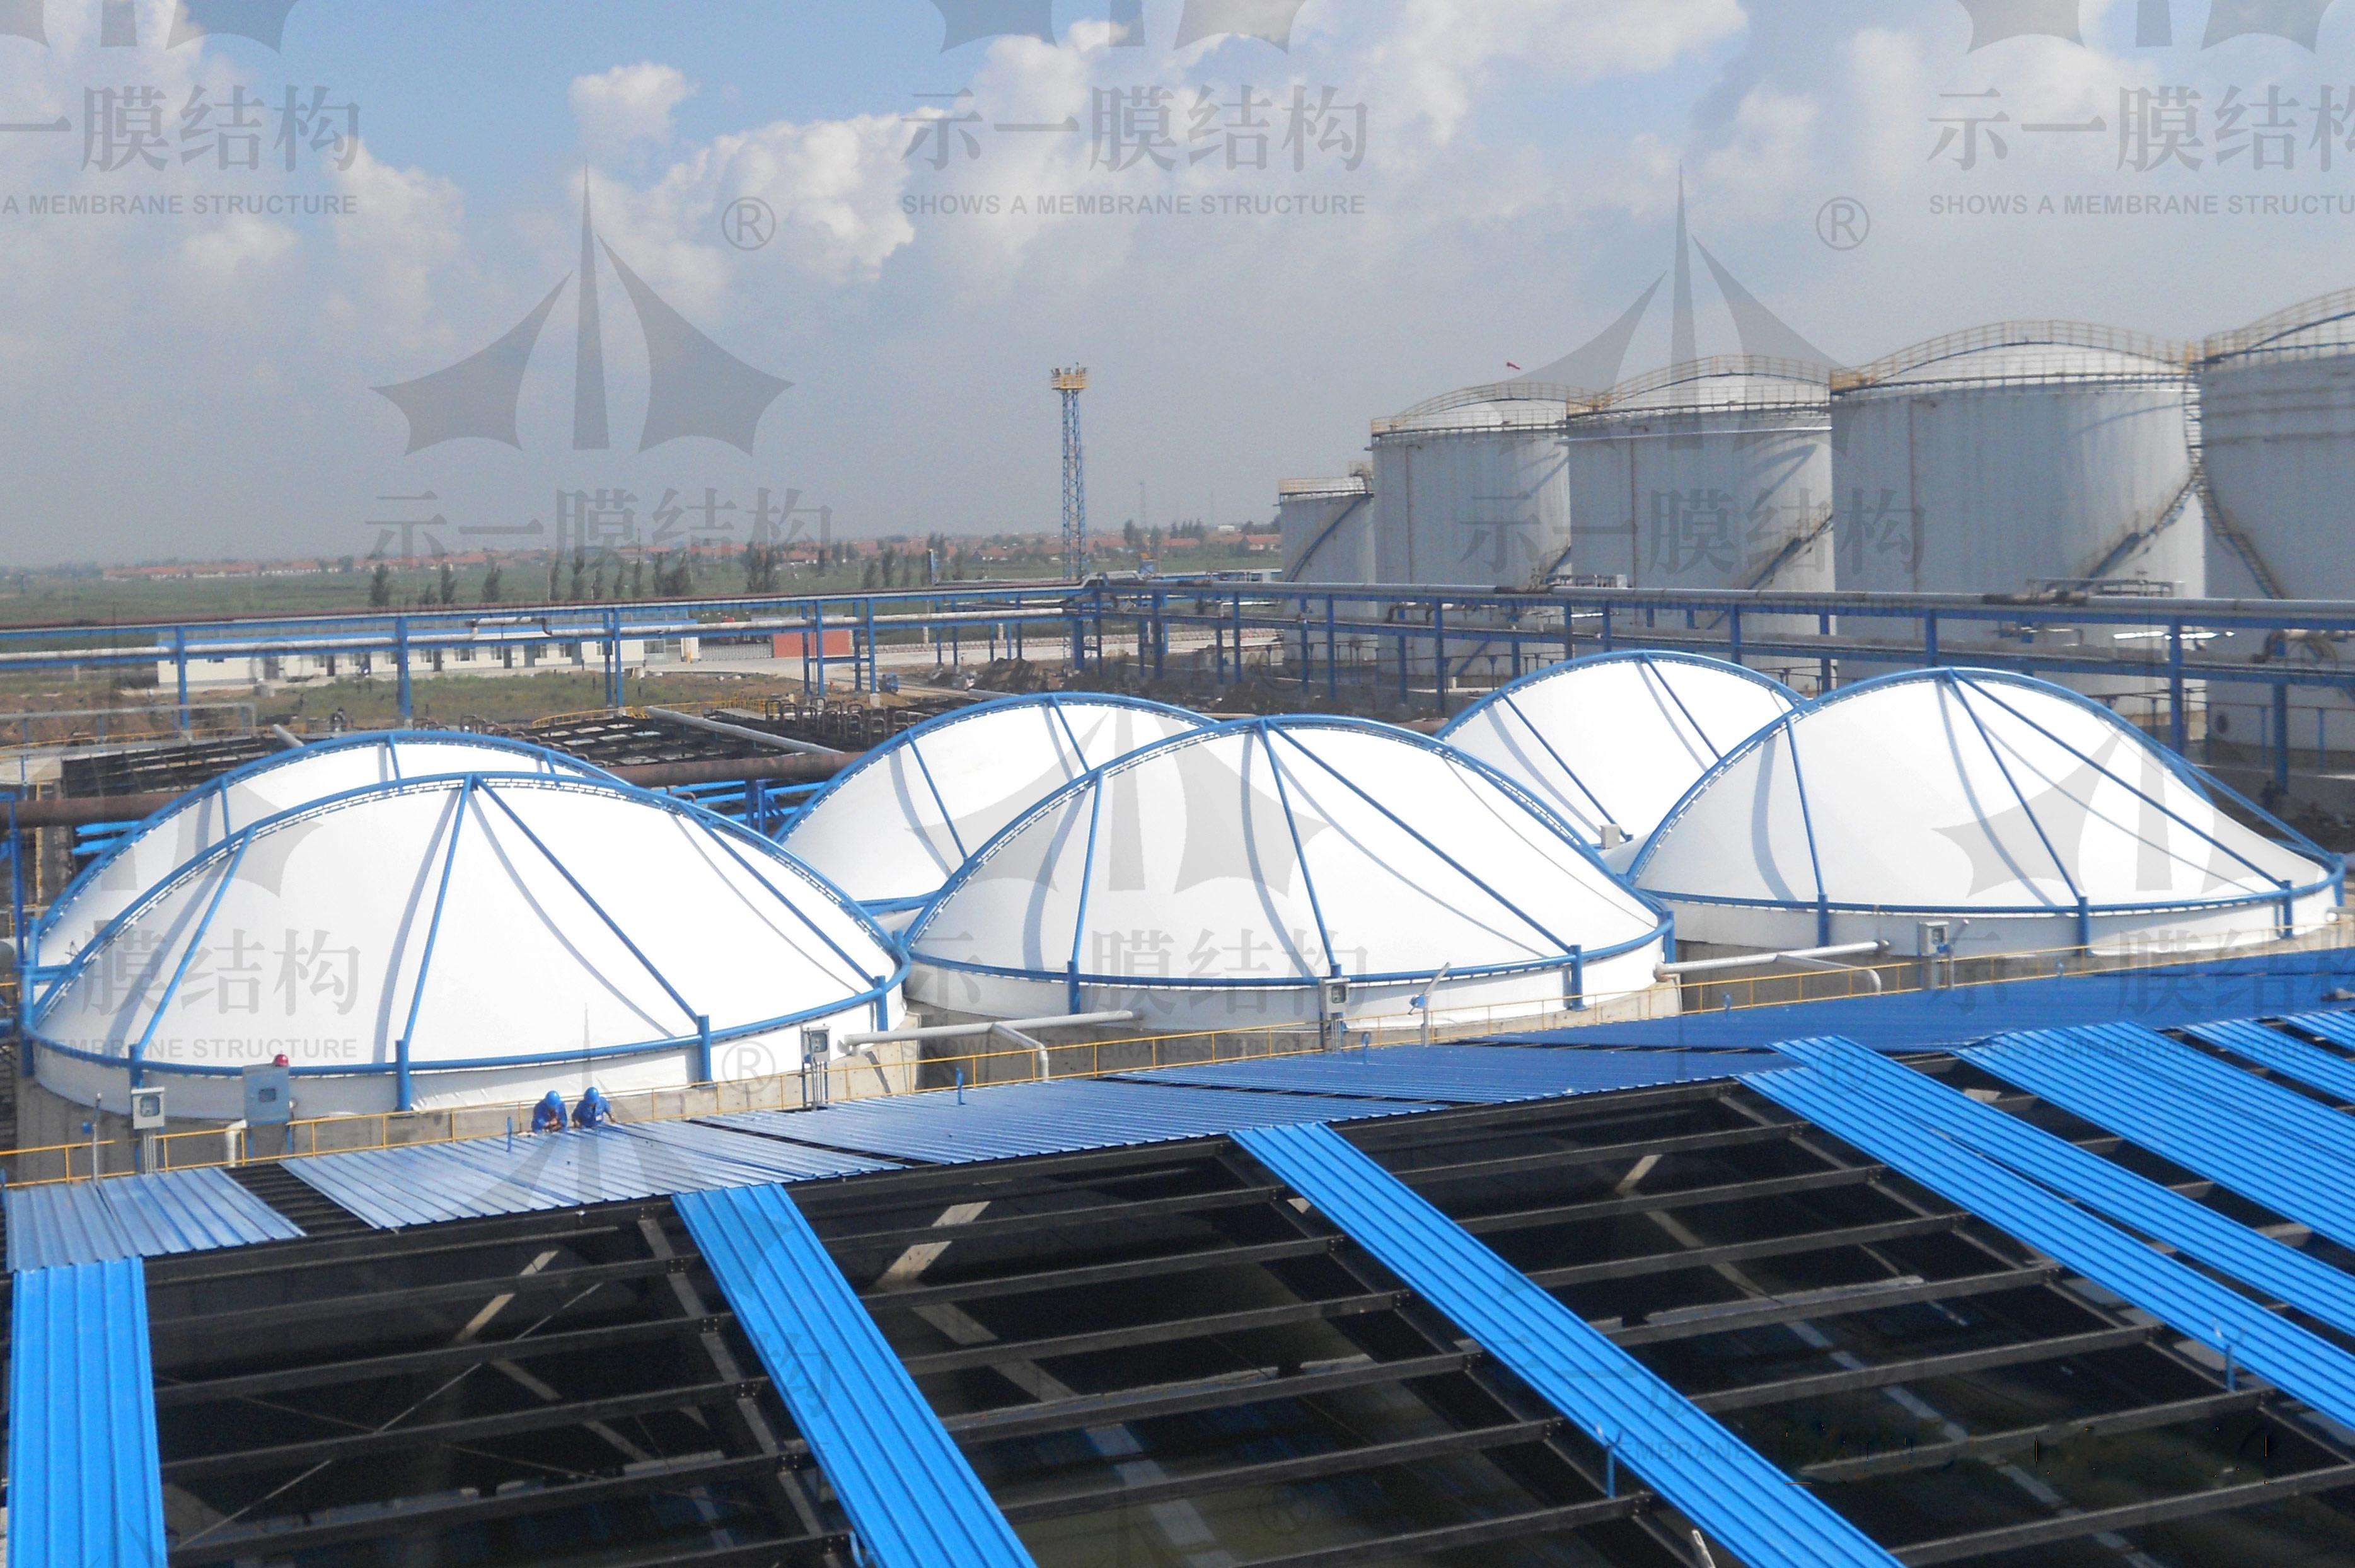 上海示一膜结构山东利津污水池膜加盖环保工程